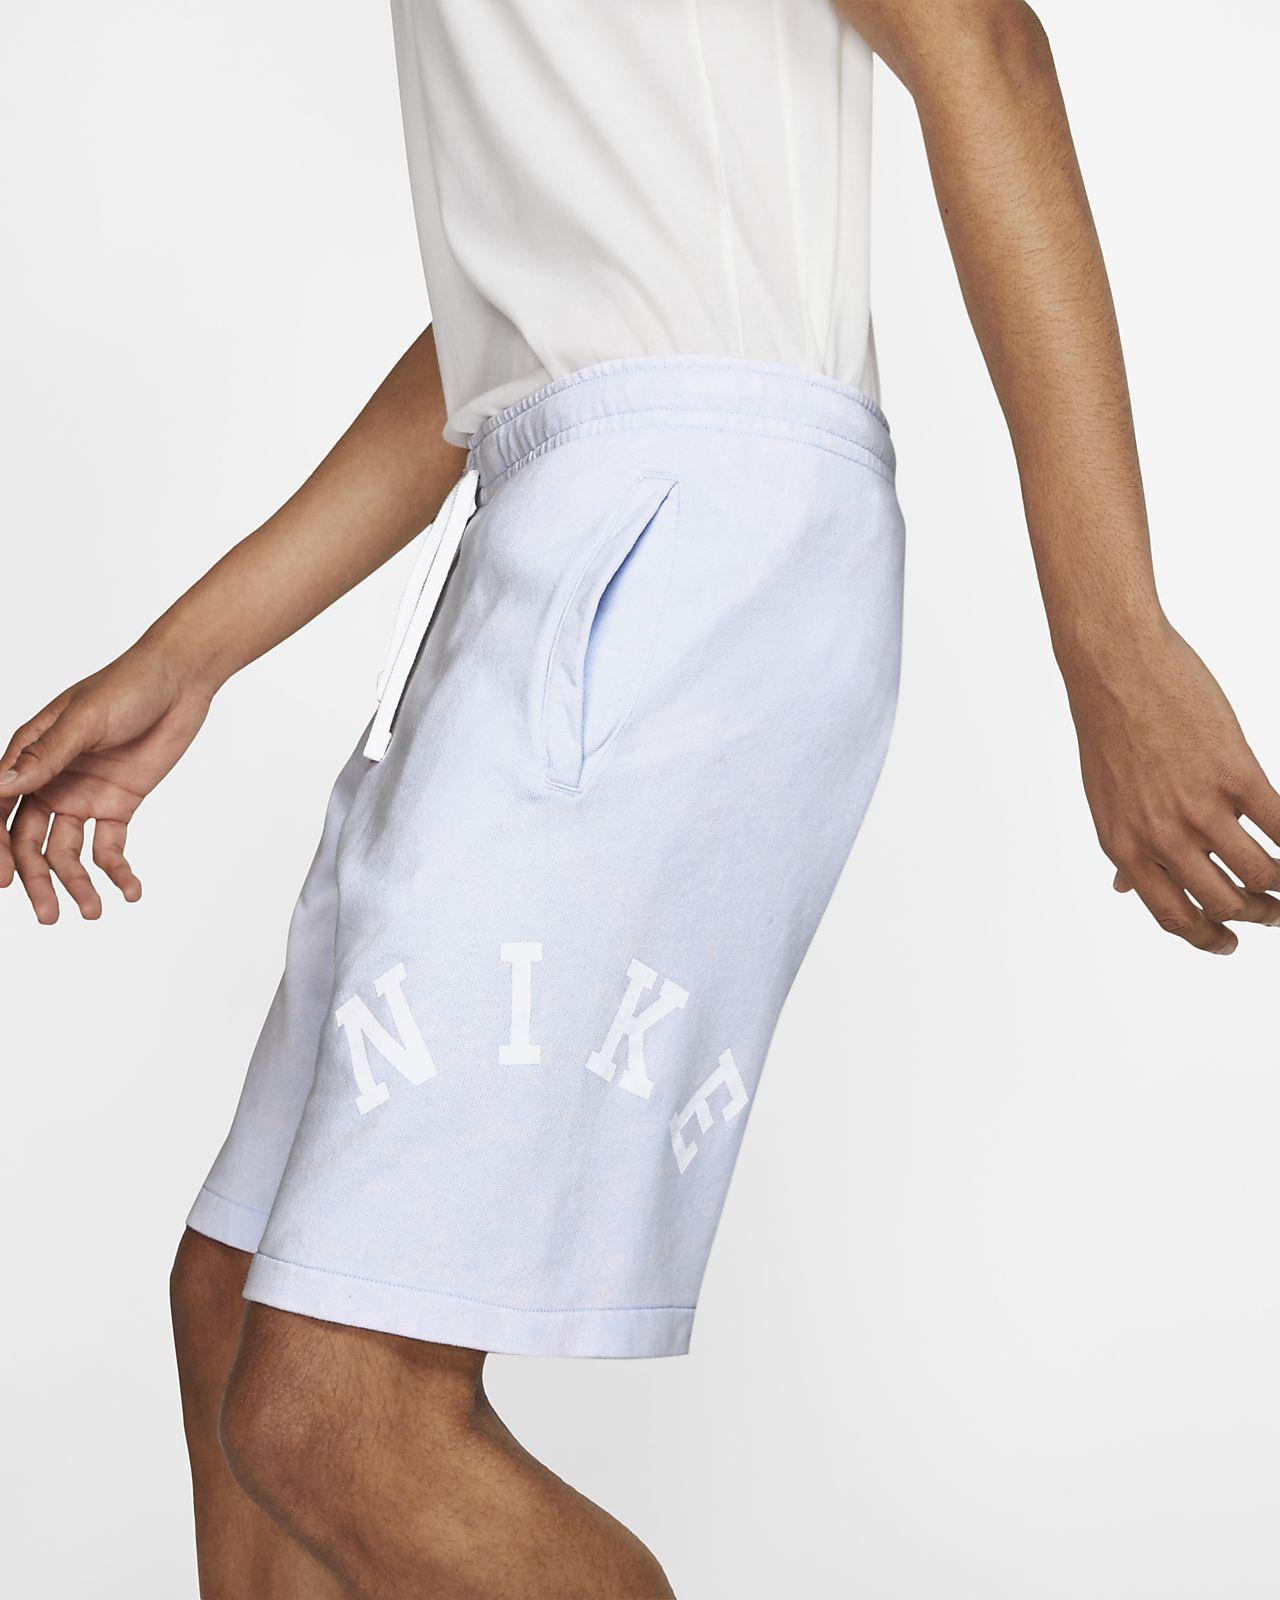 Nike Sportswear frottéshorts